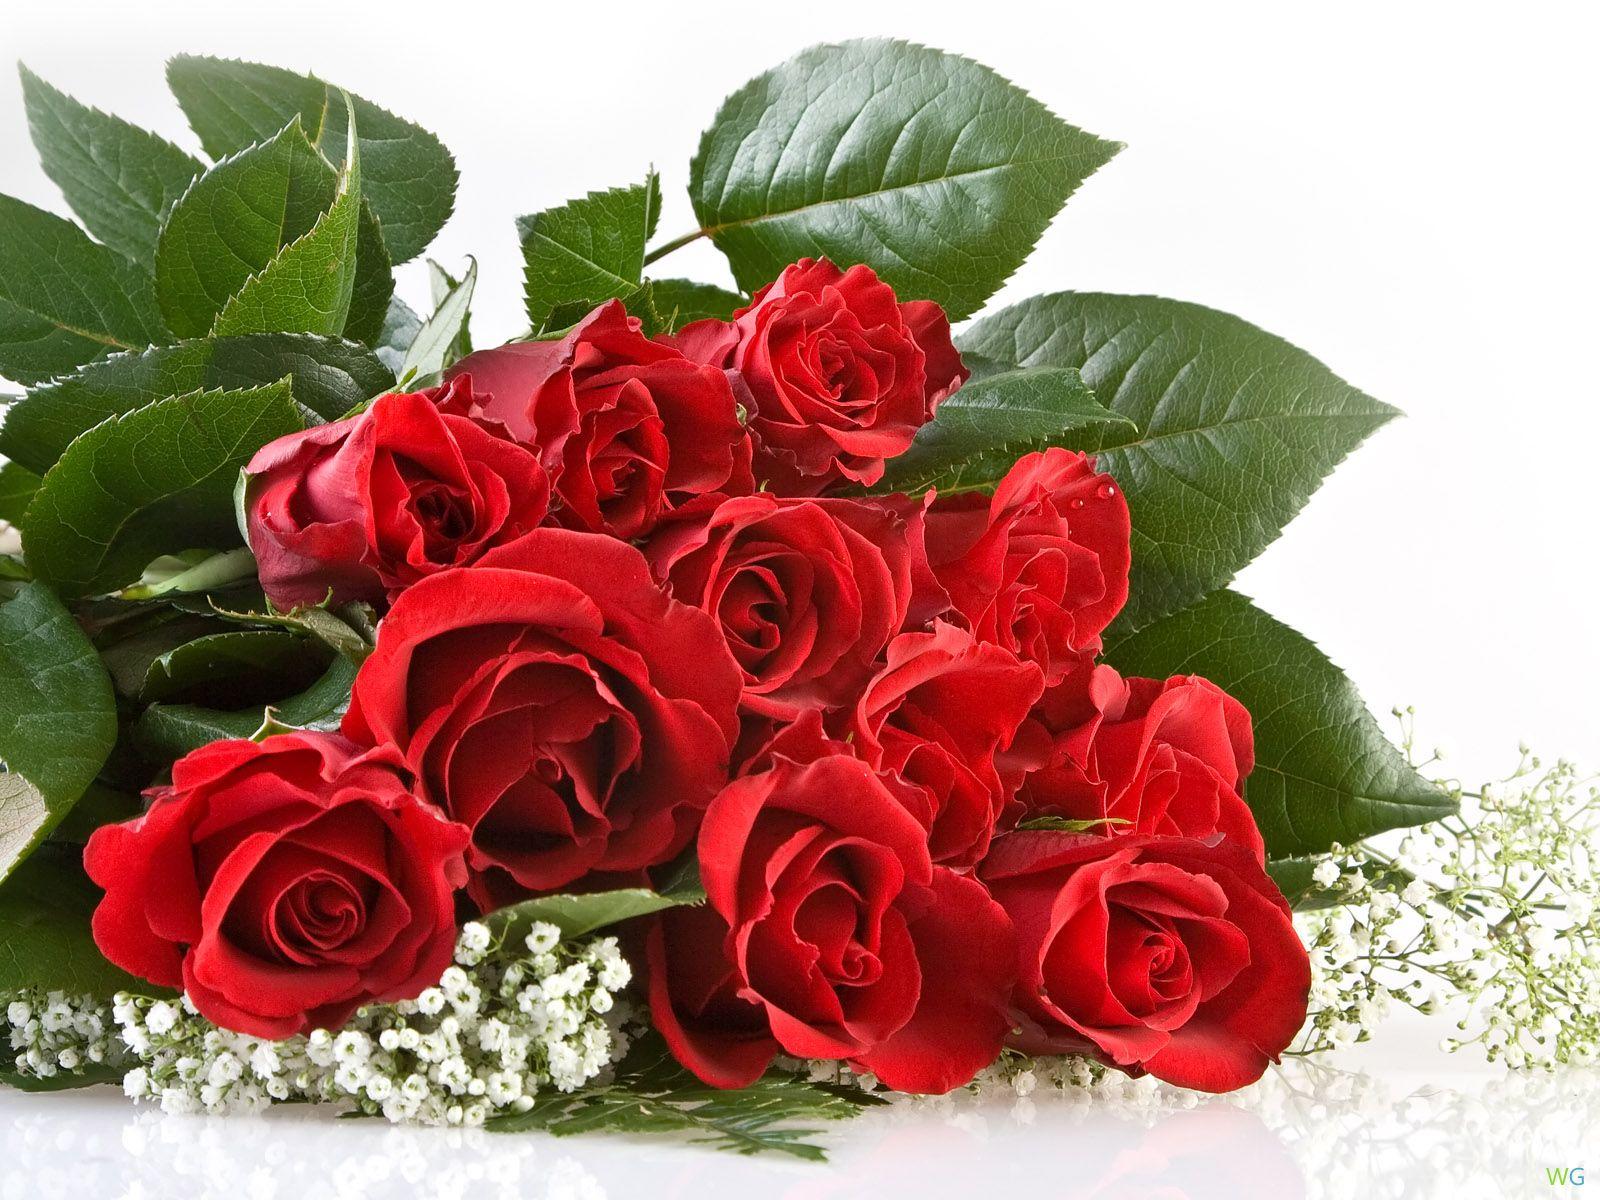 Поздравления с юбилеем женщине которая любит цветы